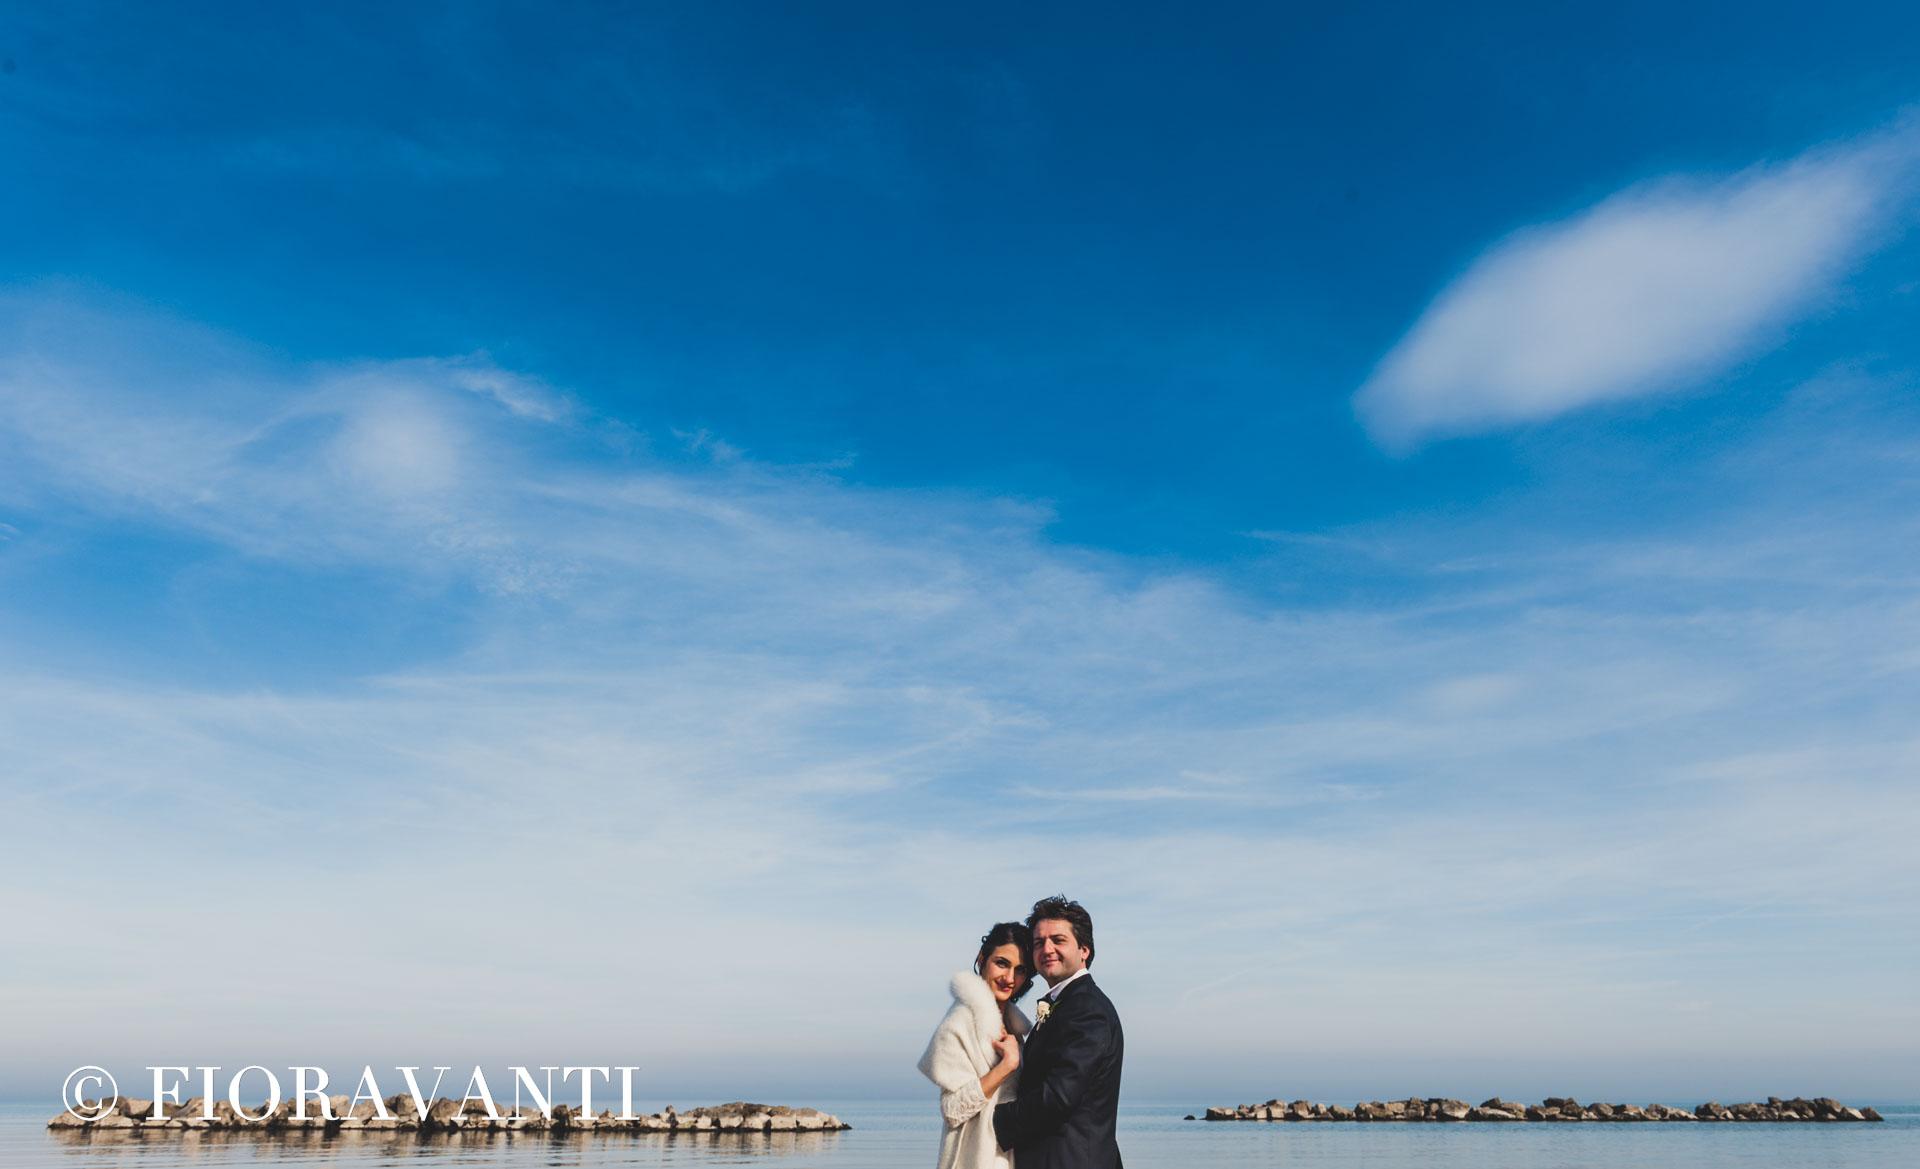 studio fotografico fioravanti livio fioravanti fotografo matrimonio abruzzo ascoli piceno fotografo ascoli fotografo marche 46